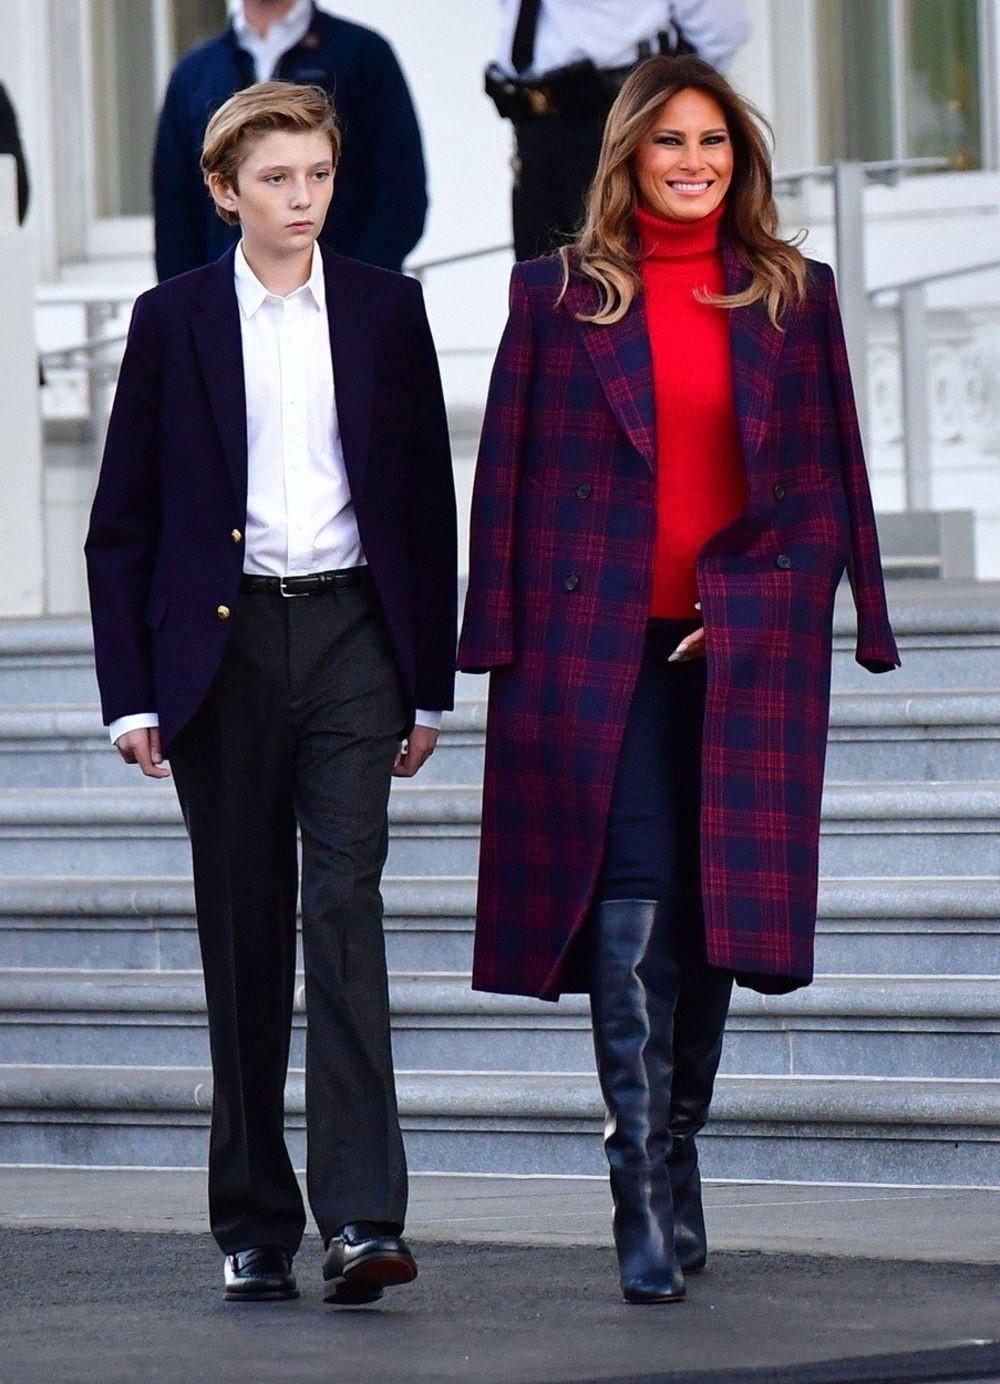 """Đã đẹp trai còn hay mặc suit, hèn gì cậu út nhà Trump đang là """"nam thần"""" được cả thế giới quan tâm - Ảnh 2."""